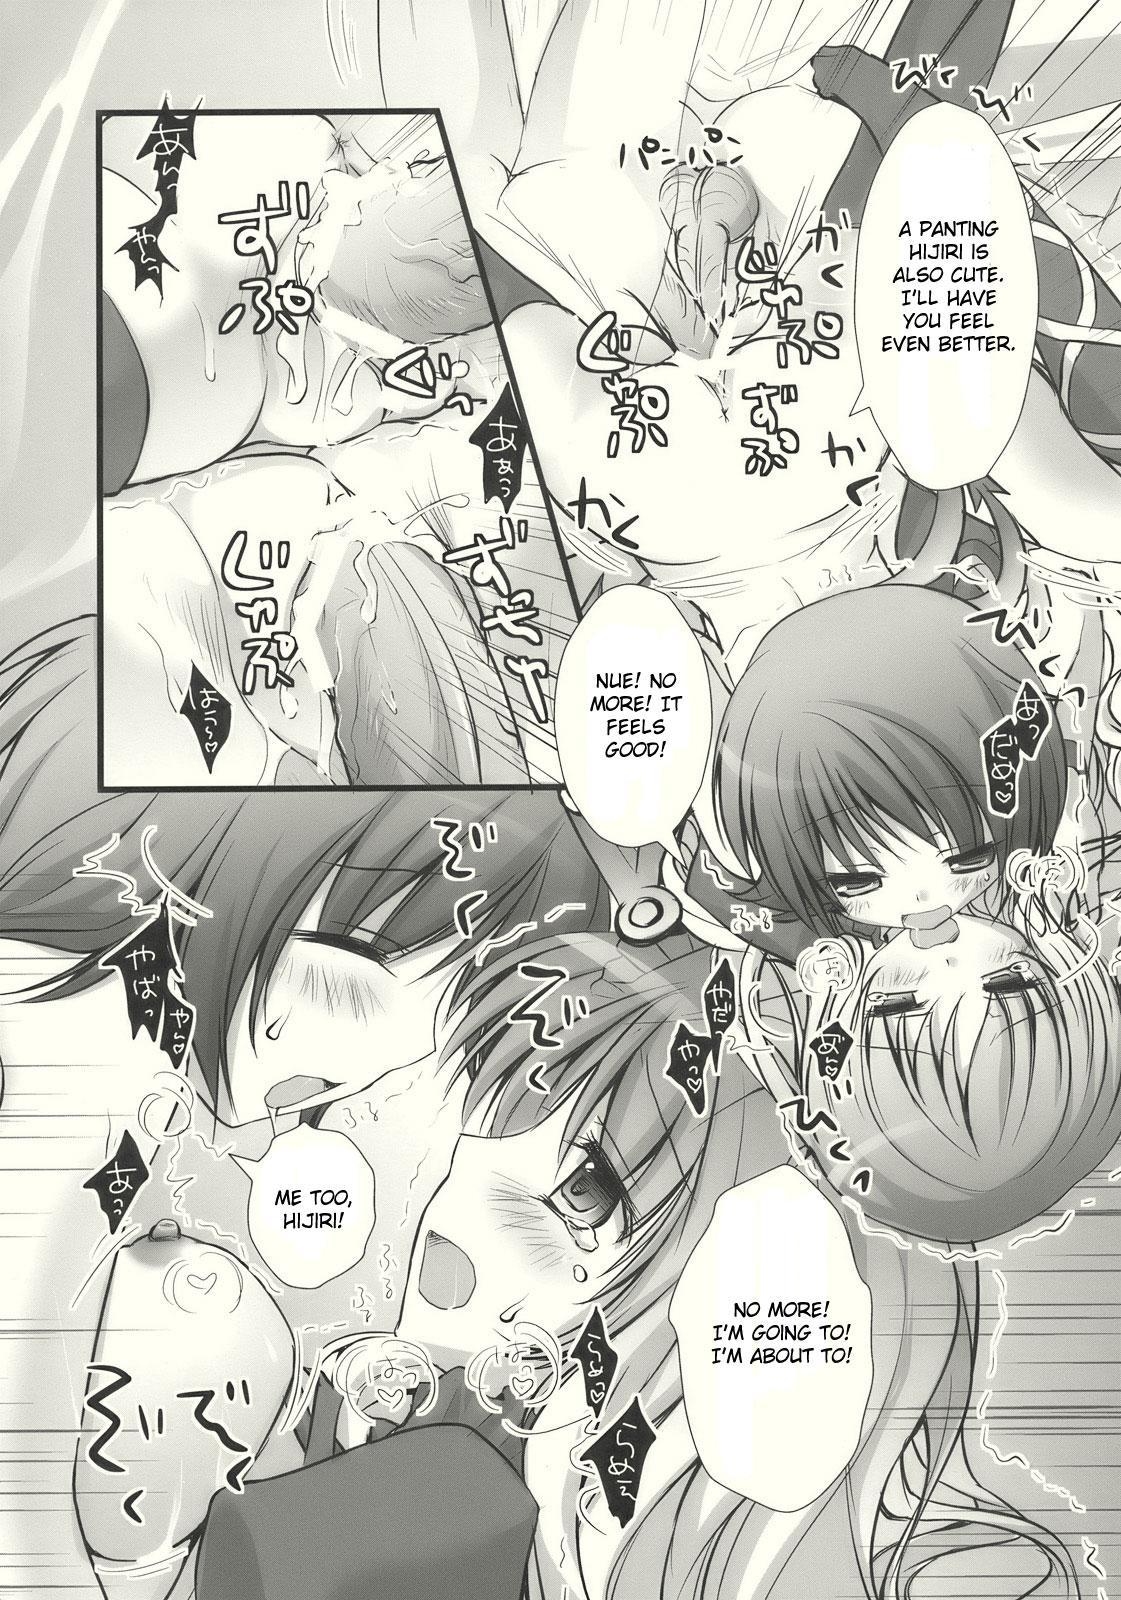 Nue to Byakuren to Shoutai Fumei no XXX   Nue, Byakuren, and the Undefined XXX 14